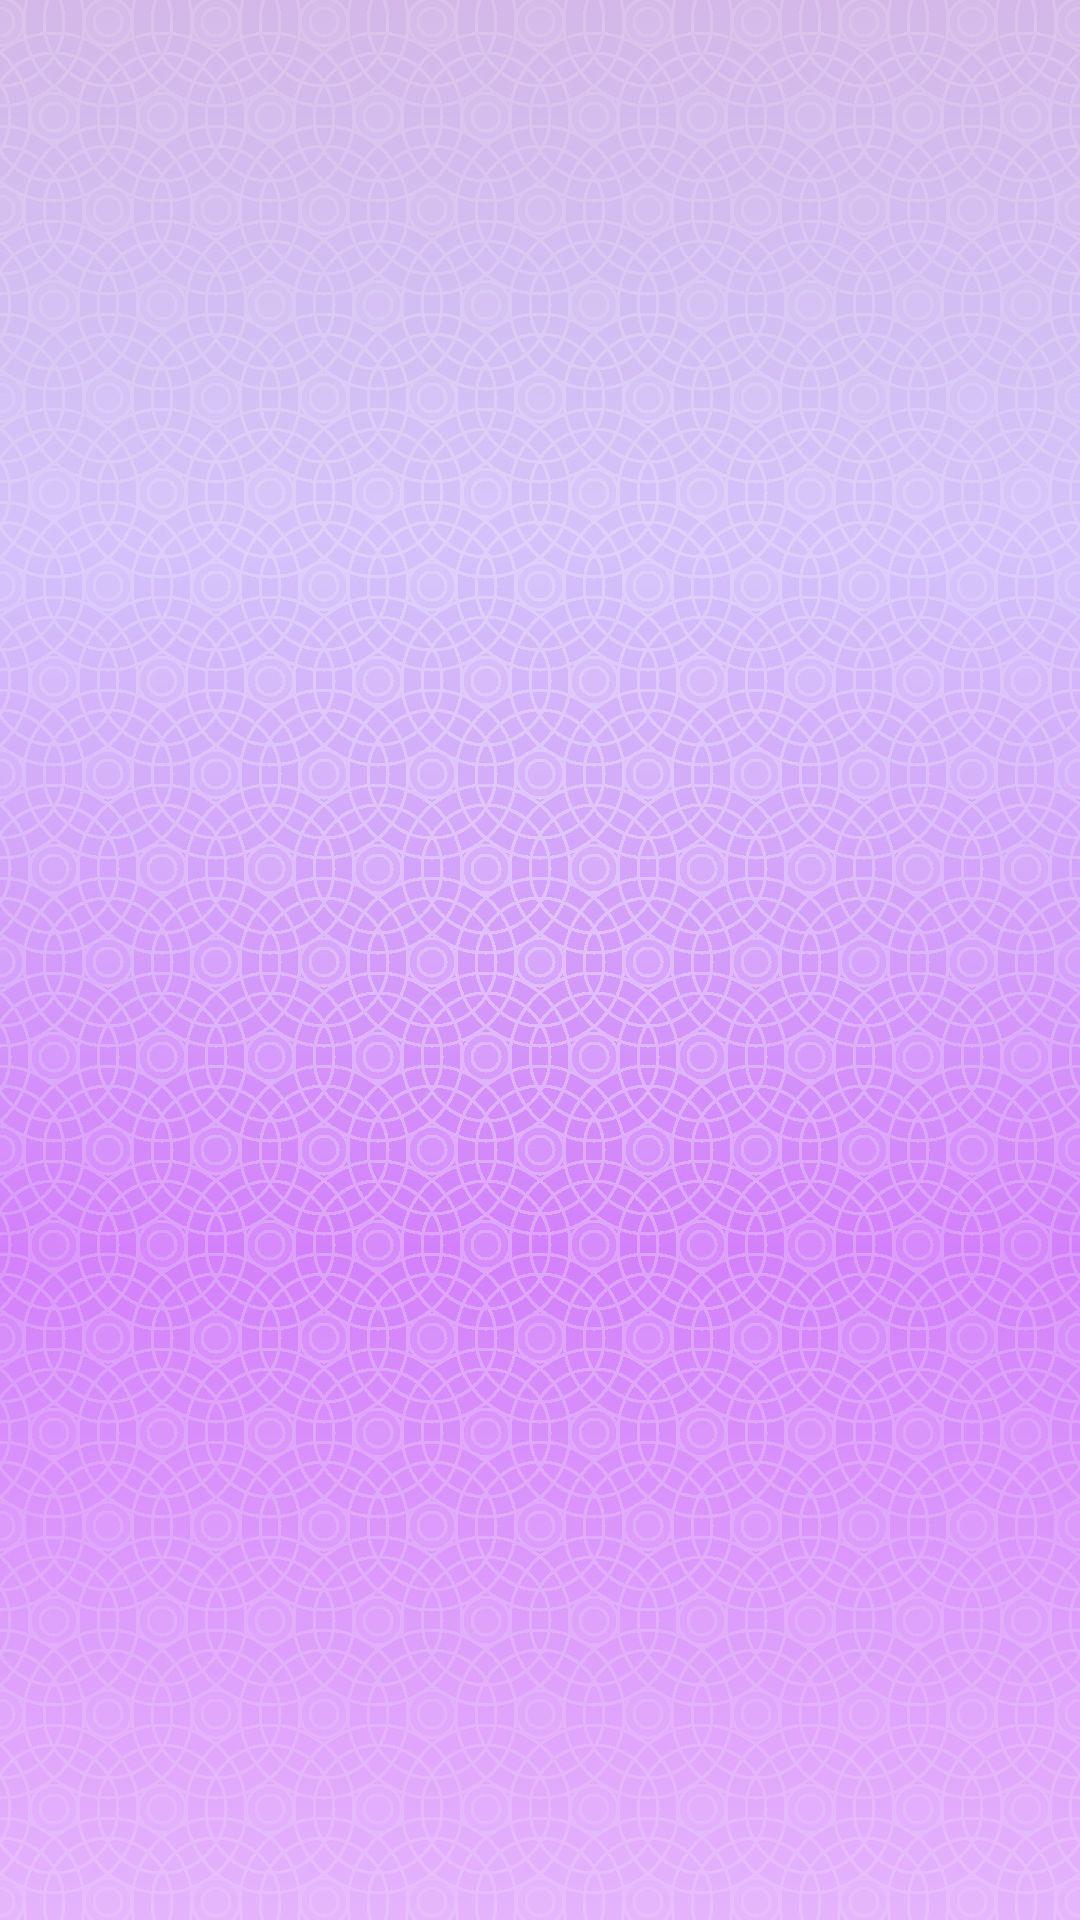 最高の壁紙 19年 Iphone 壁紙 グラデーション 紫色の壁紙 カラフル 壁紙 スマホ壁紙